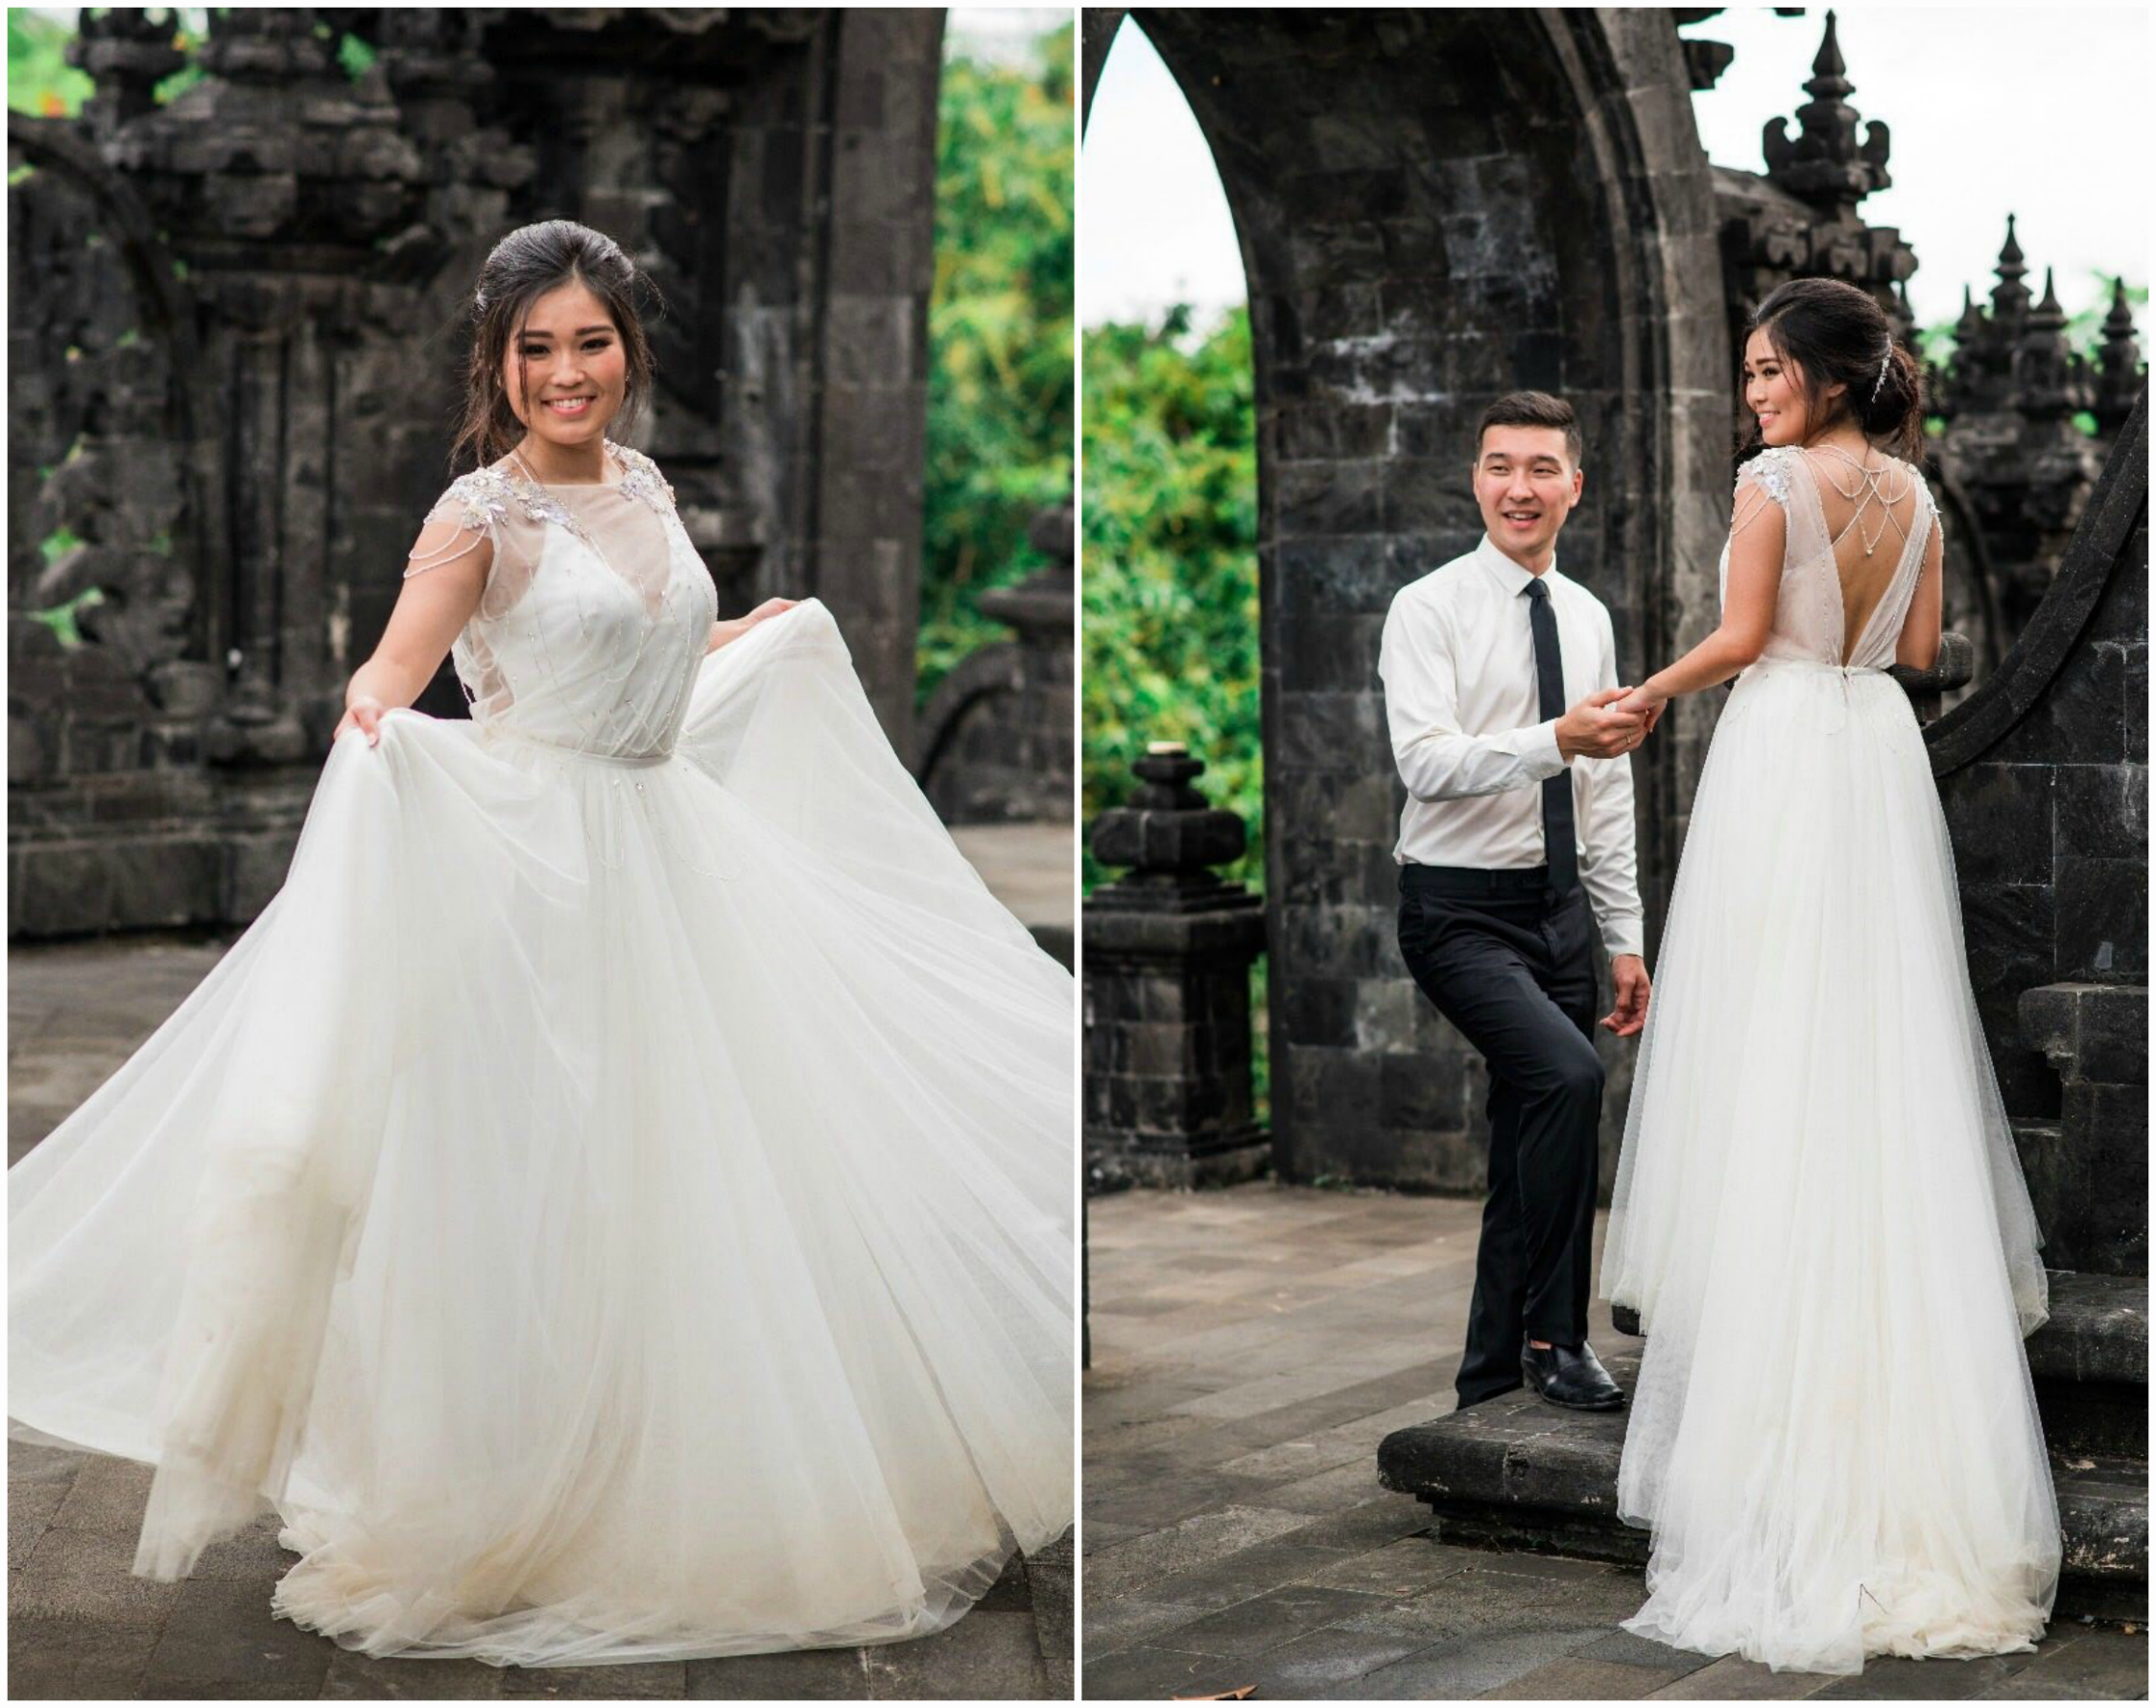 Большой гид по Бали: свадебные церемонии, лучшие виллы и пляжи